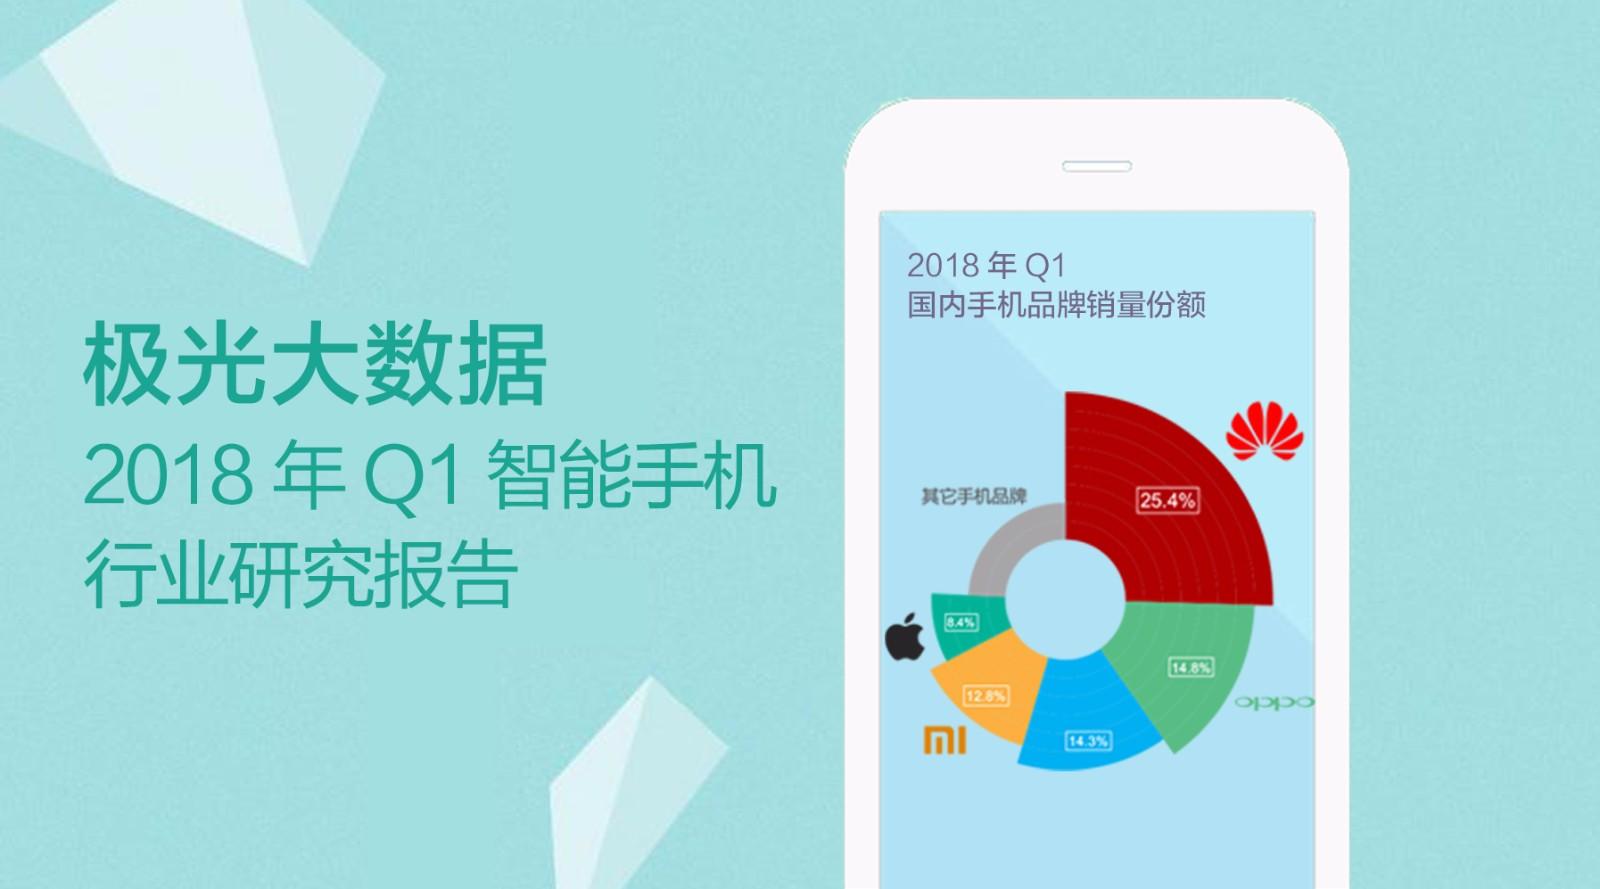 极光大数据:2018年Q1智能手机研究报告